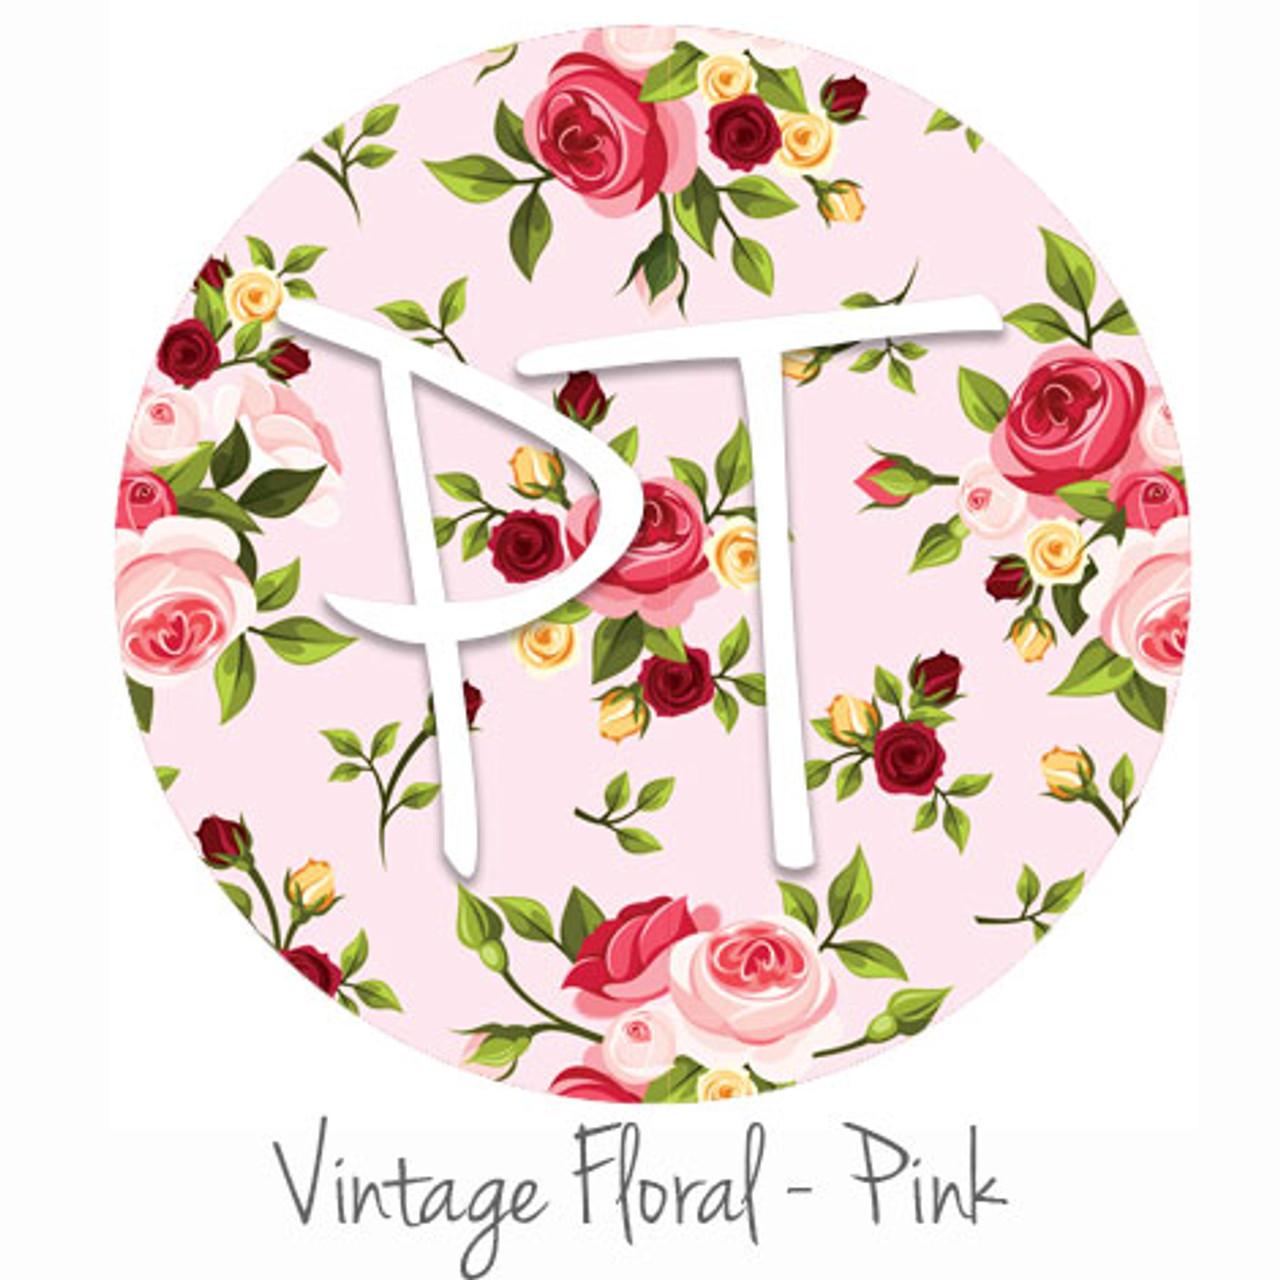 12 X12 Patterned Heat Transfer Vinyl Vintage Floral Pink